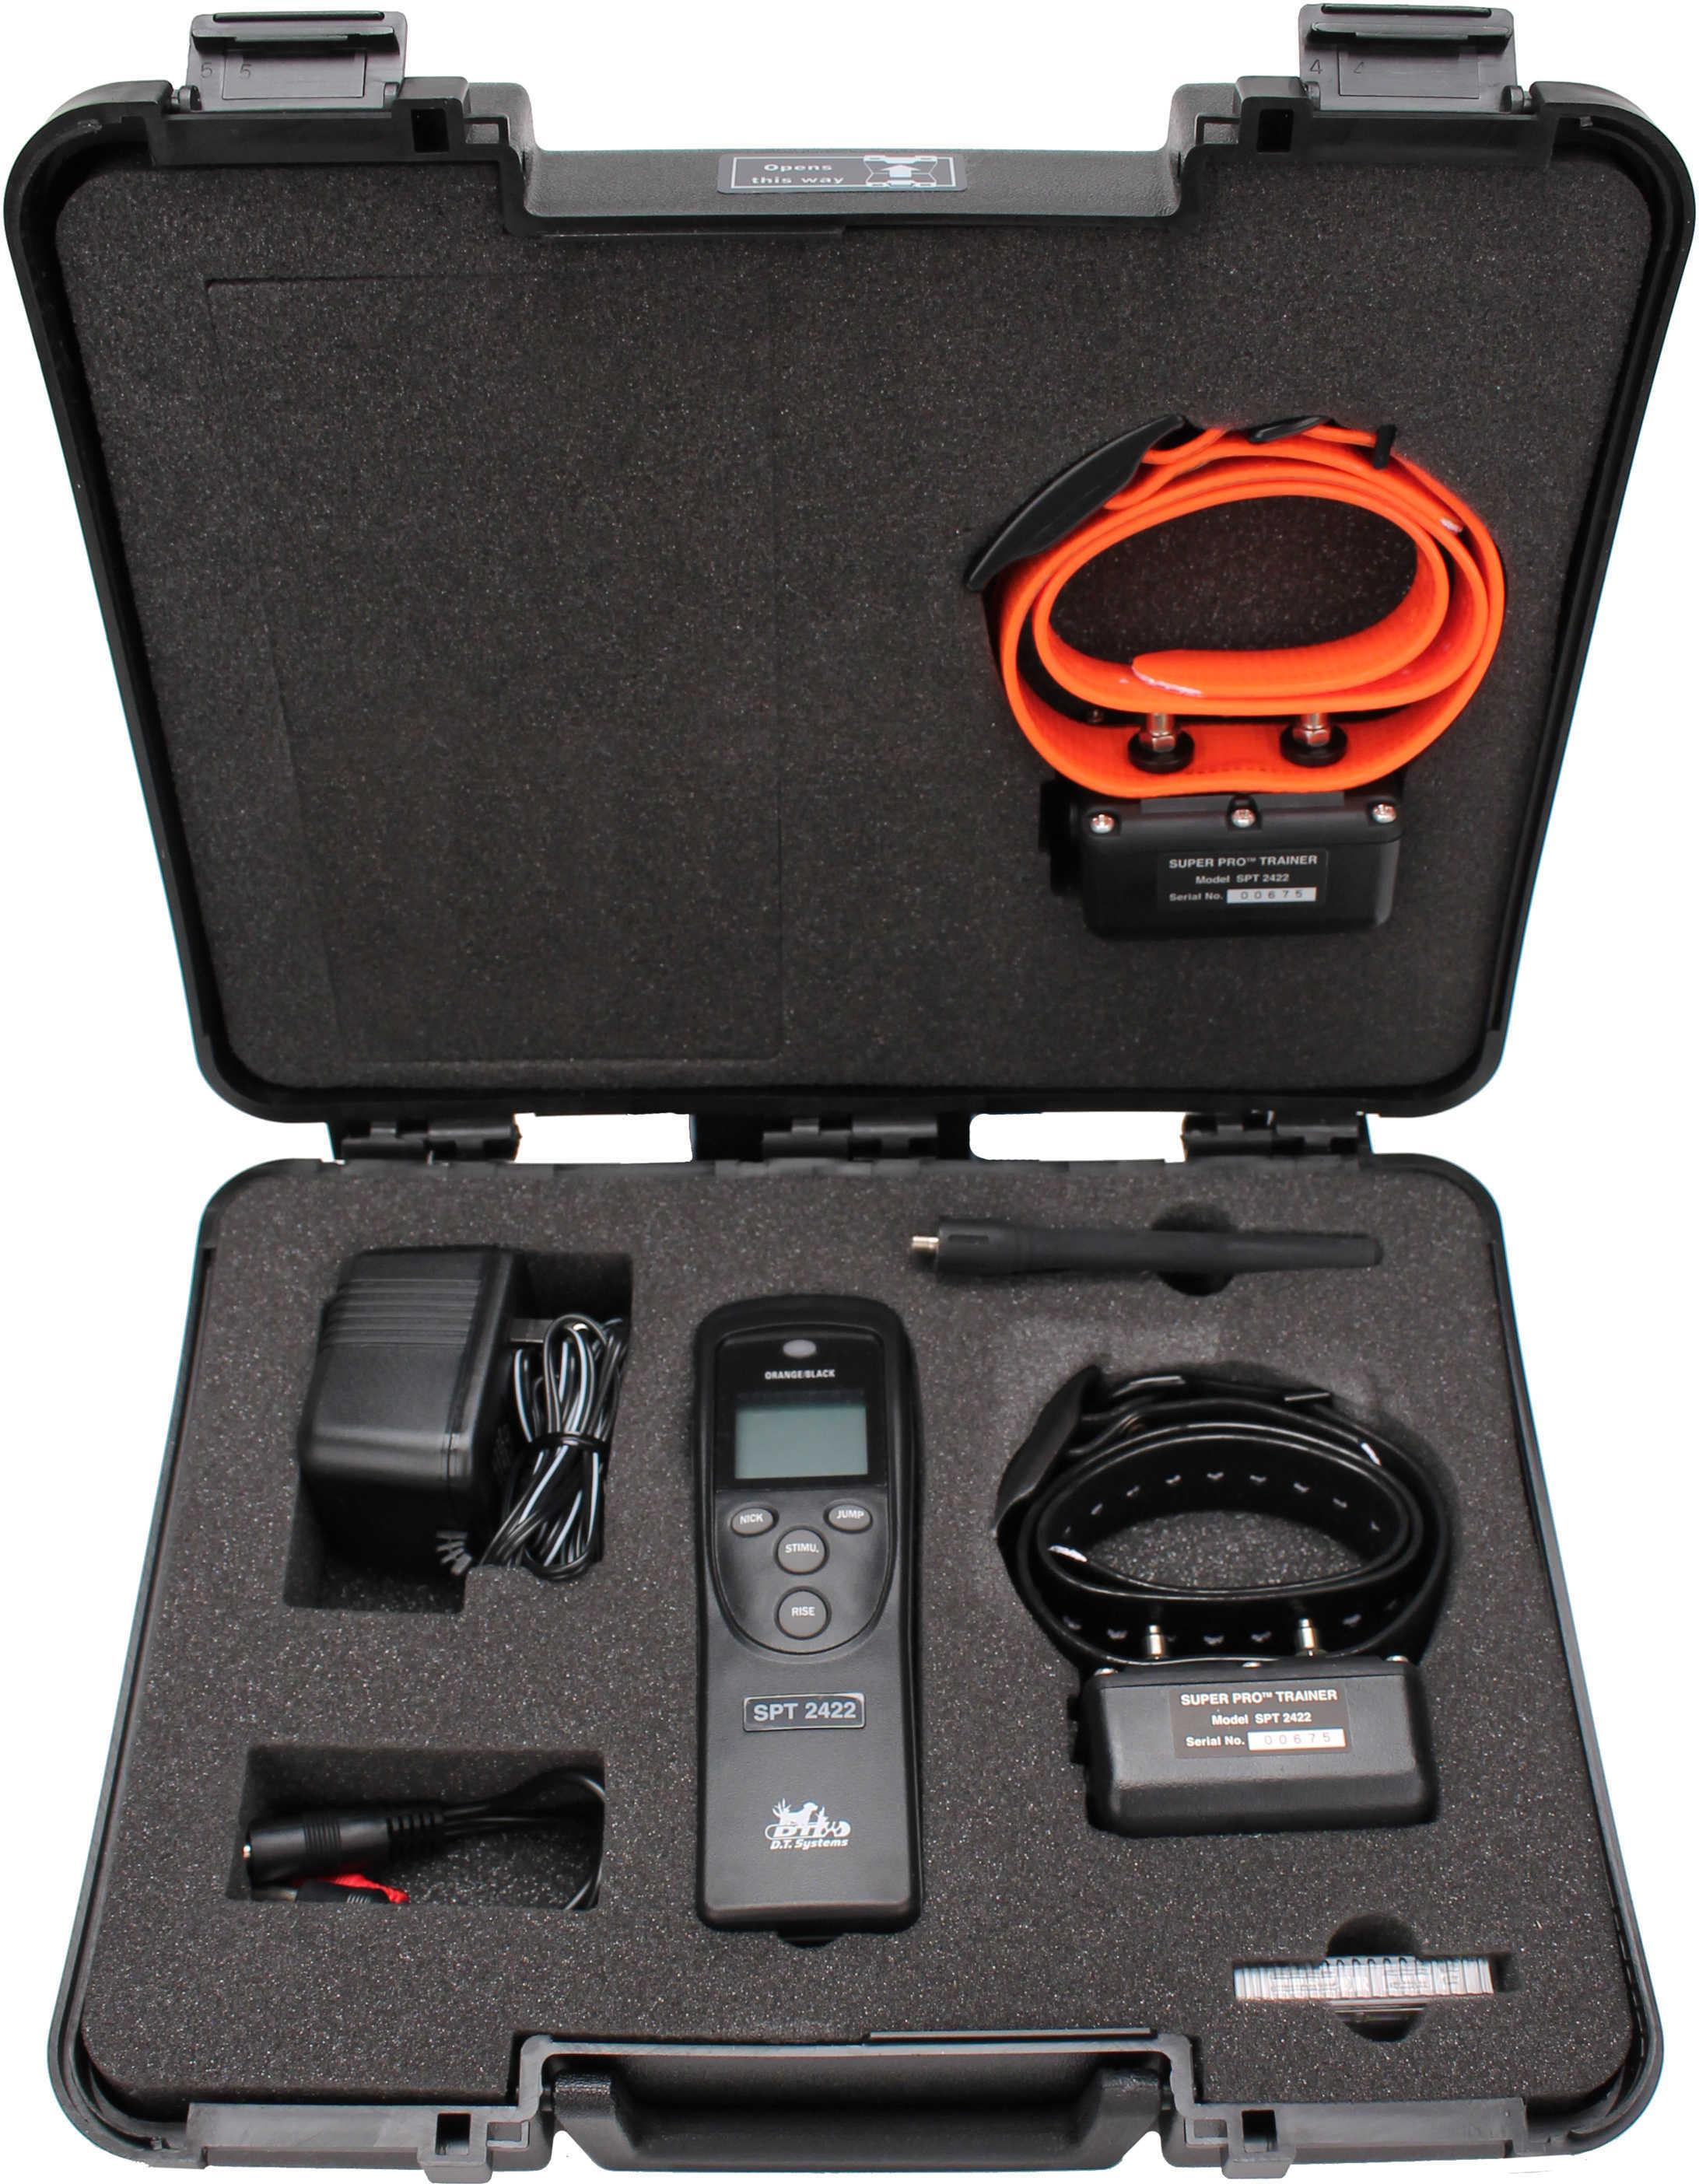 DT Systems SPT 2422 - 2 Dog System Md: SPT 2422